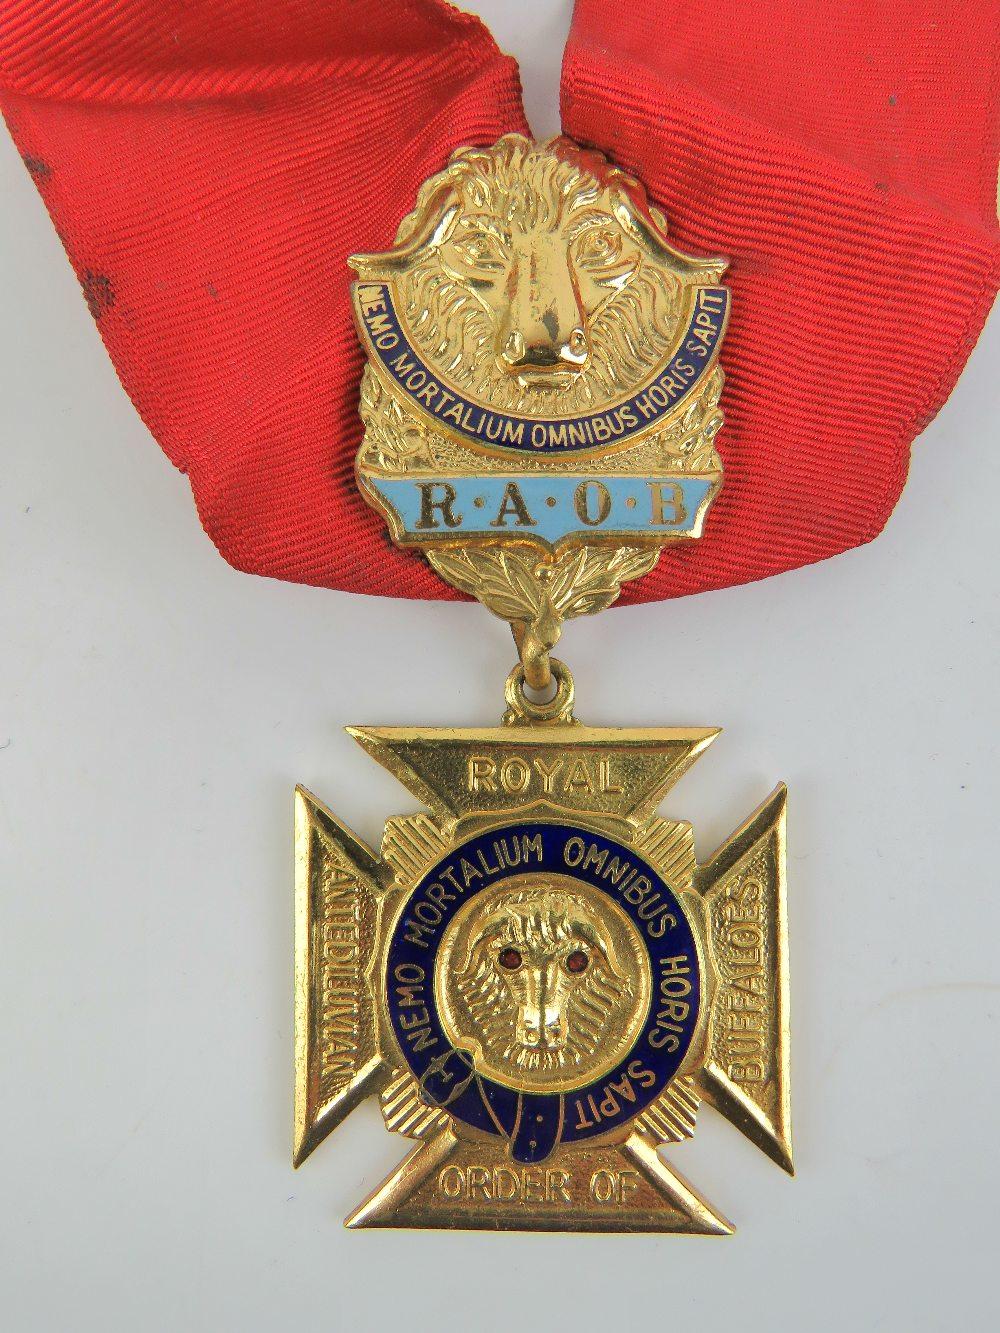 Lot 19 - The Royal Antediluvian Order of Buffaloe